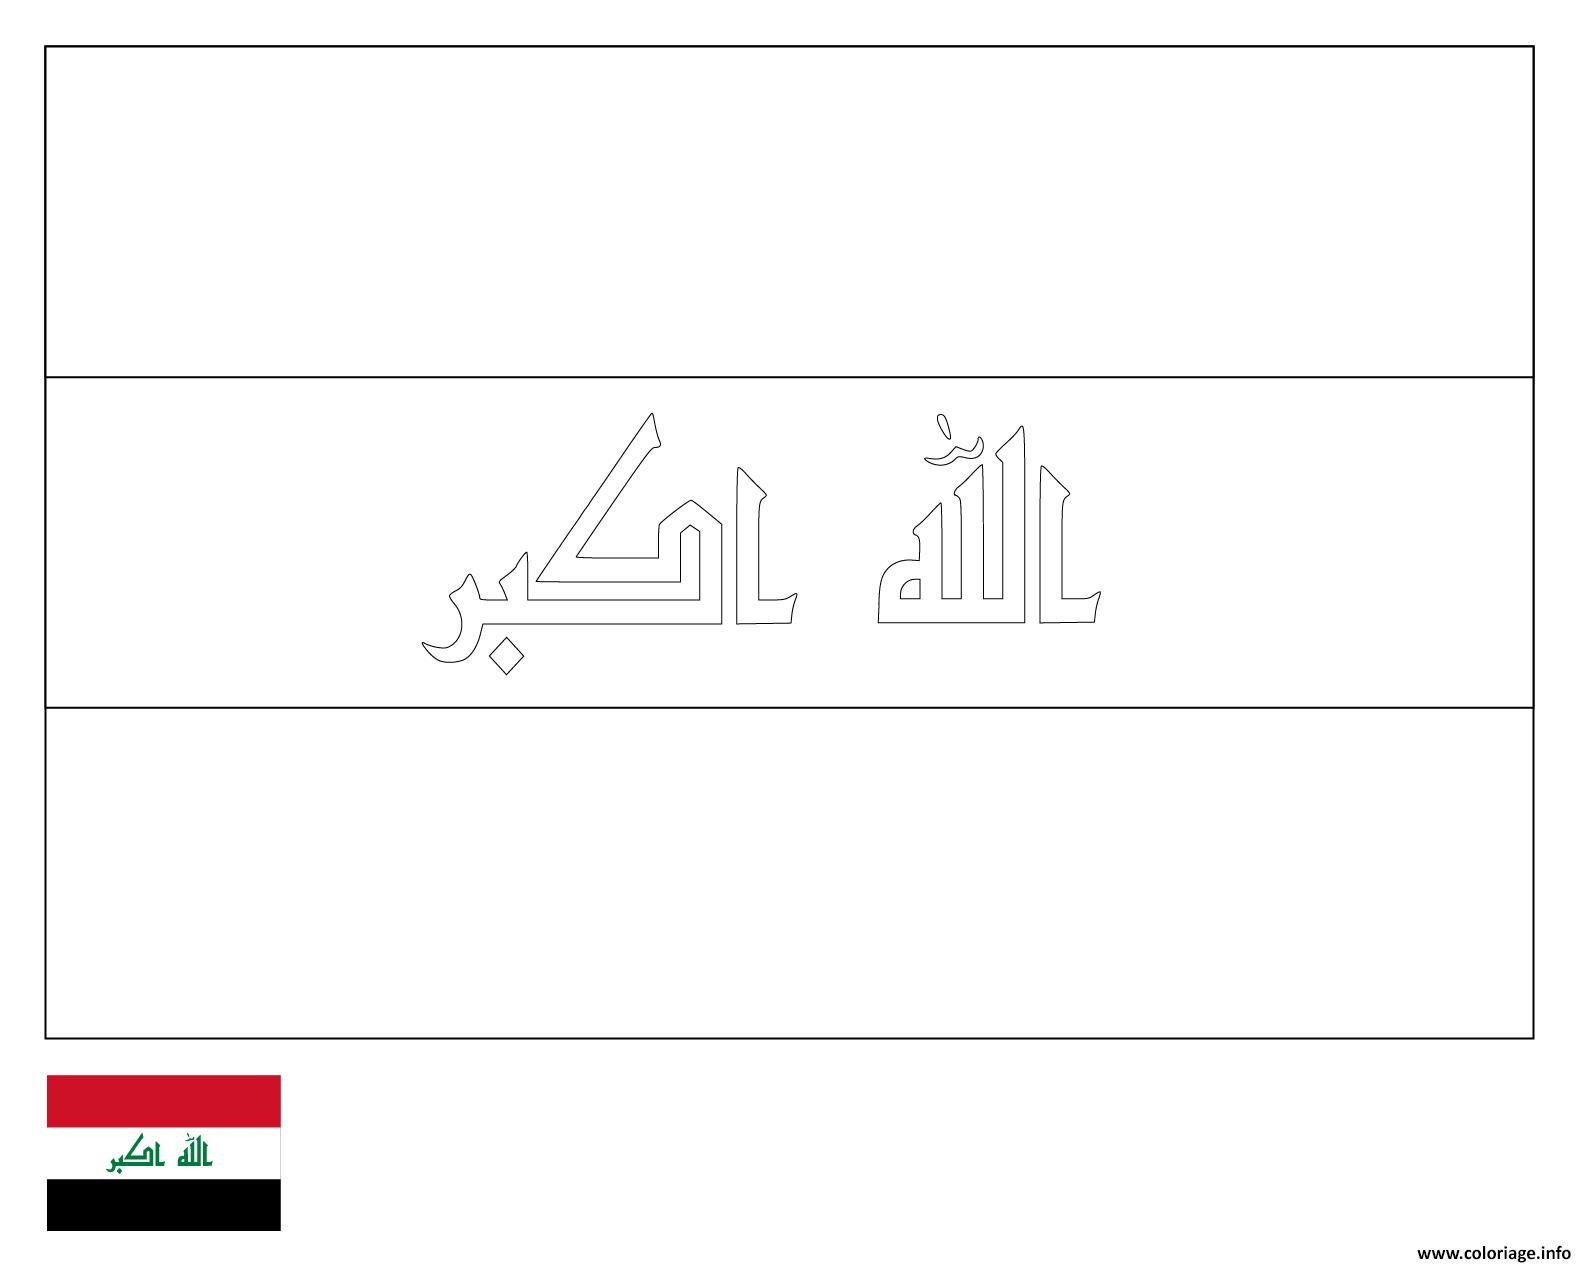 Dessin drapeau iraq Coloriage Gratuit à Imprimer